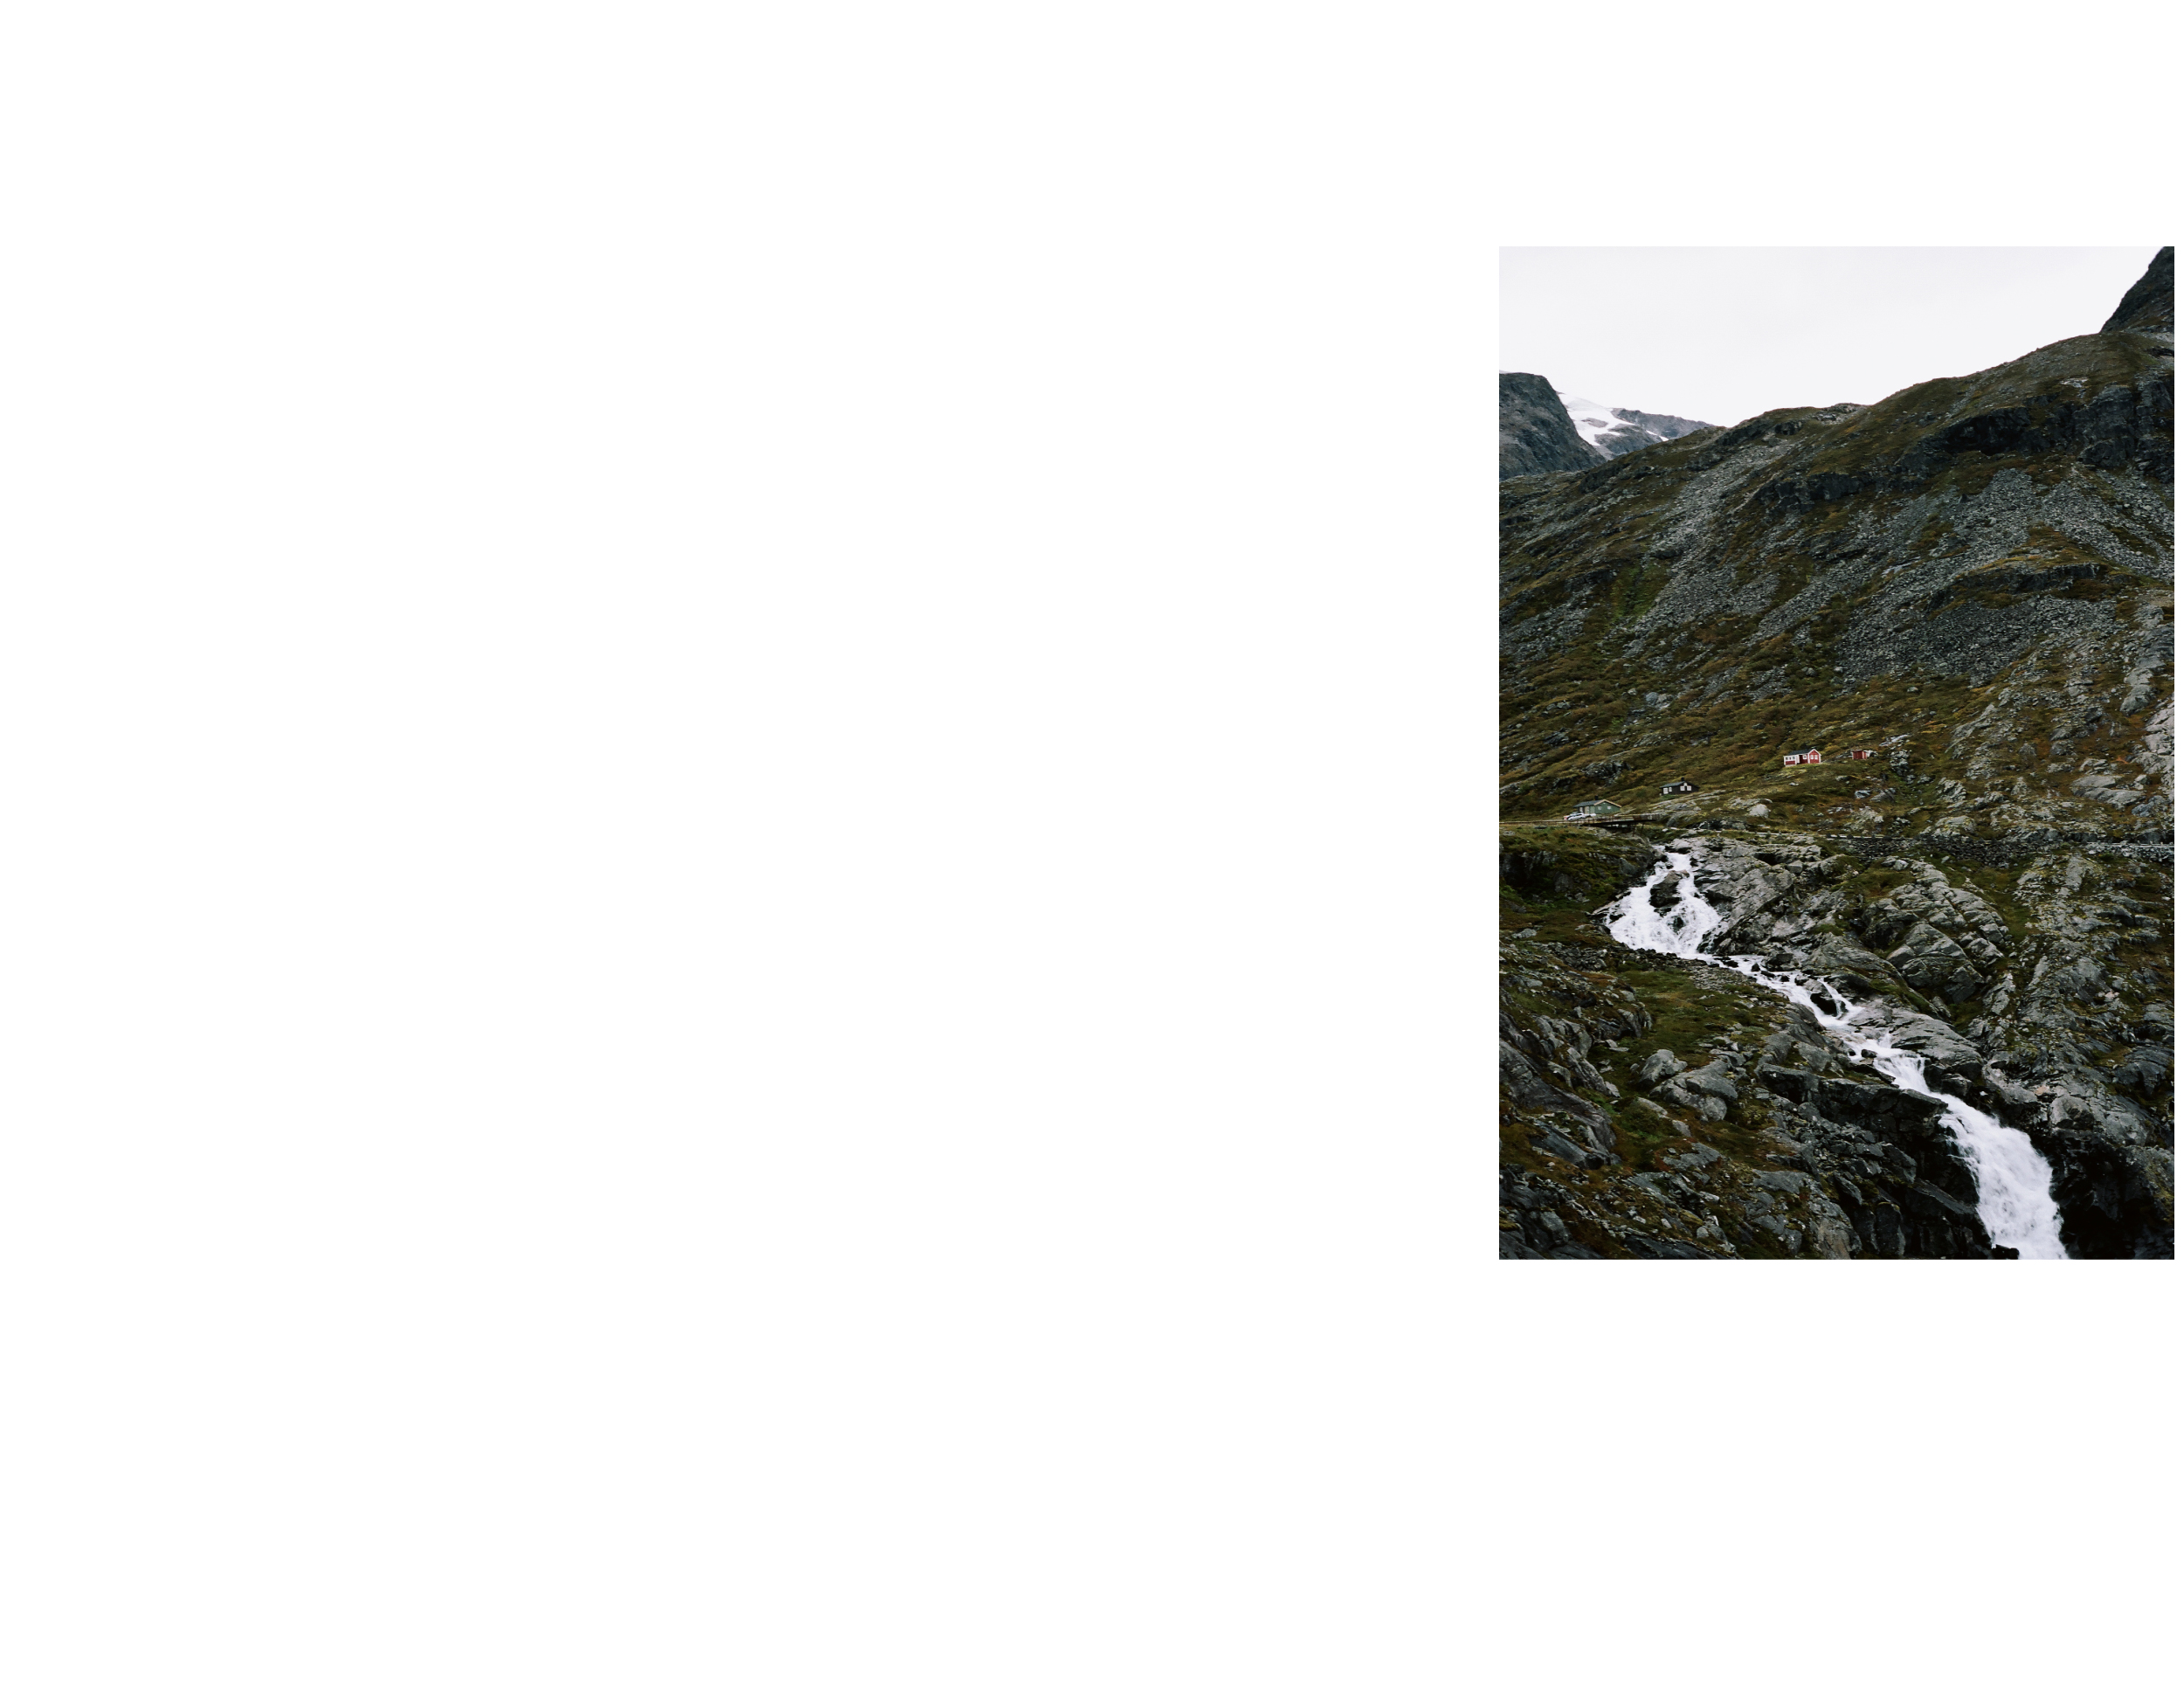 Overview_Slide63.jpg